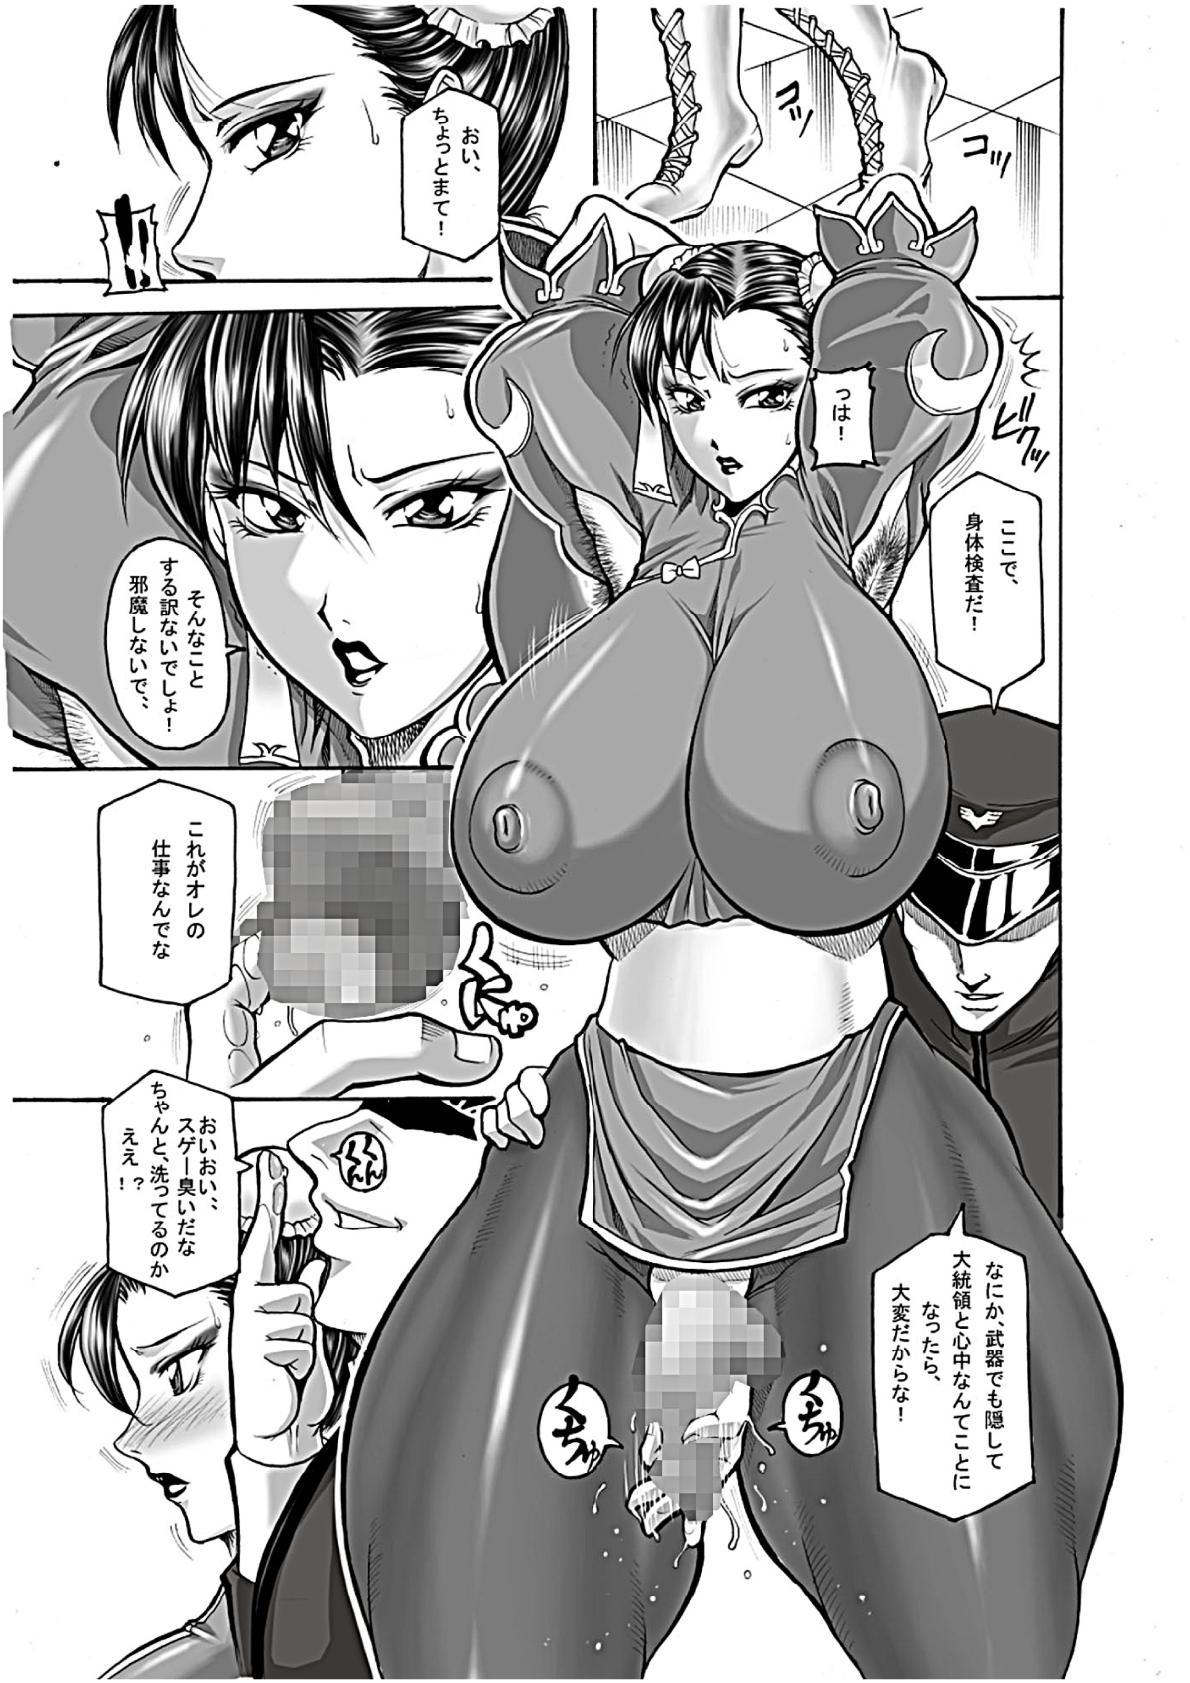 Seigi no Daishou 3